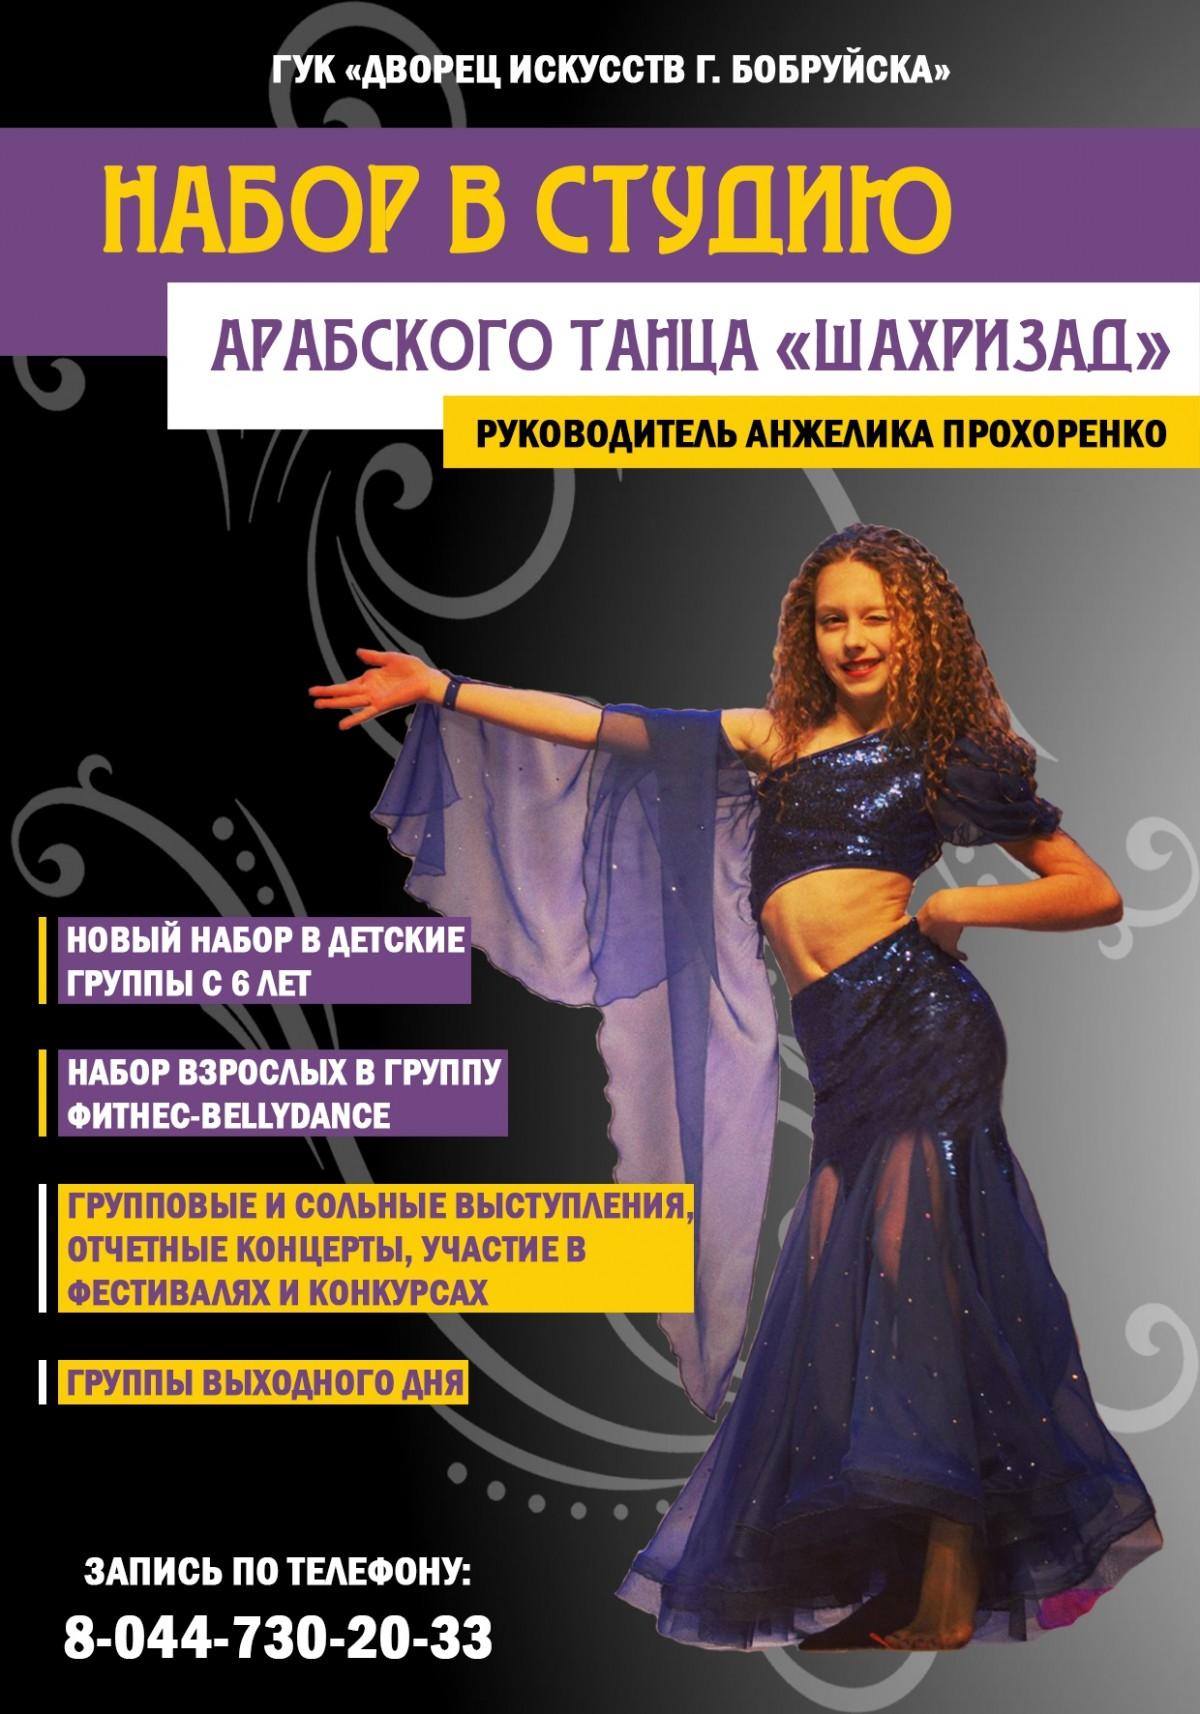 Студия арабского танца «Шахризад» приглашает всех любителей Востока на занятия самым завораживающим танцем — ТАНЦЕМ ЖИВОТА